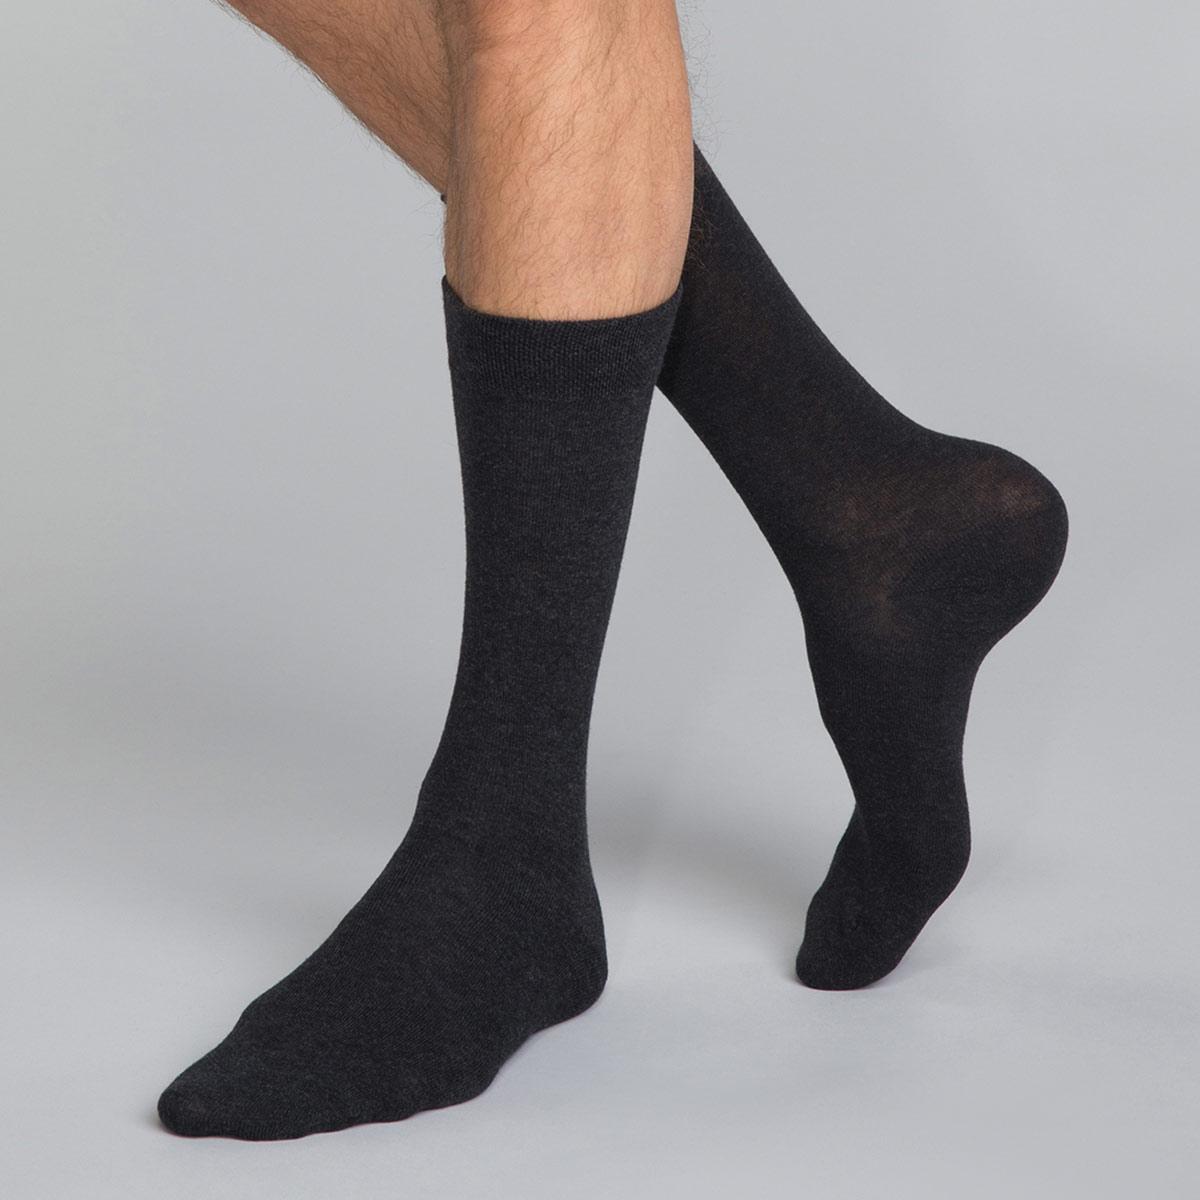 Mi-chaussettes coton X3 anthracite Homme Basic Coton